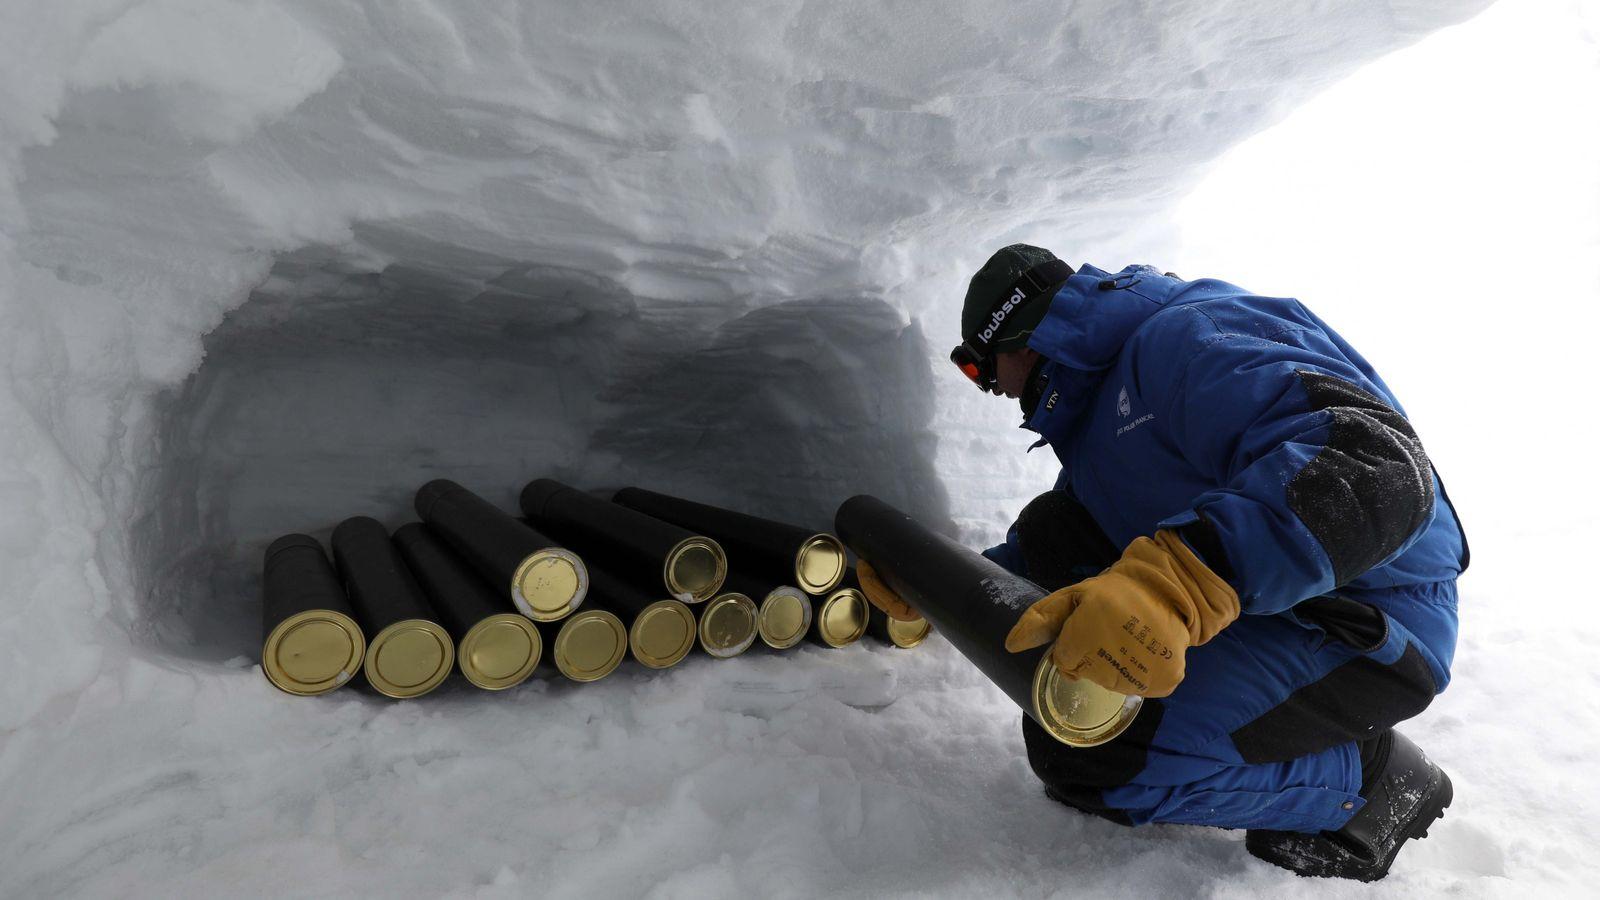 Les carottes de glace seront conservées et envoyées à la base Concordia en Antarctique.